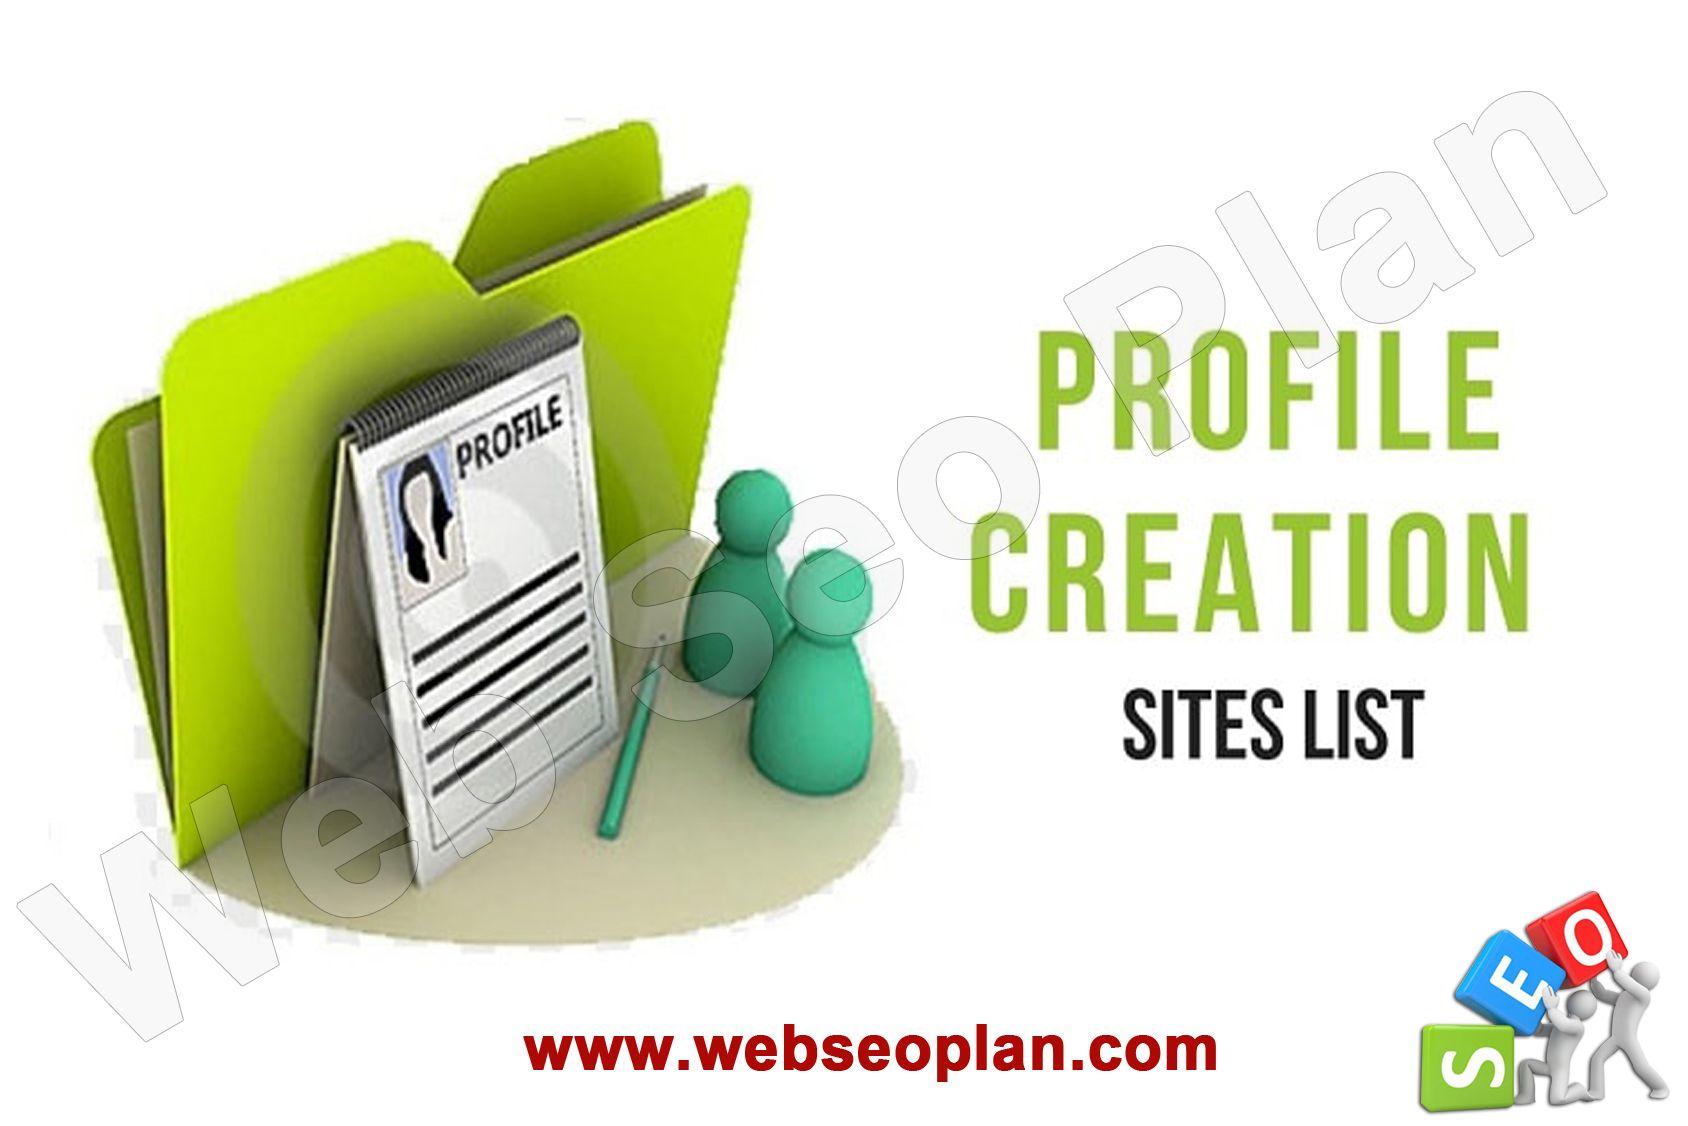 Profile Creation Sites List